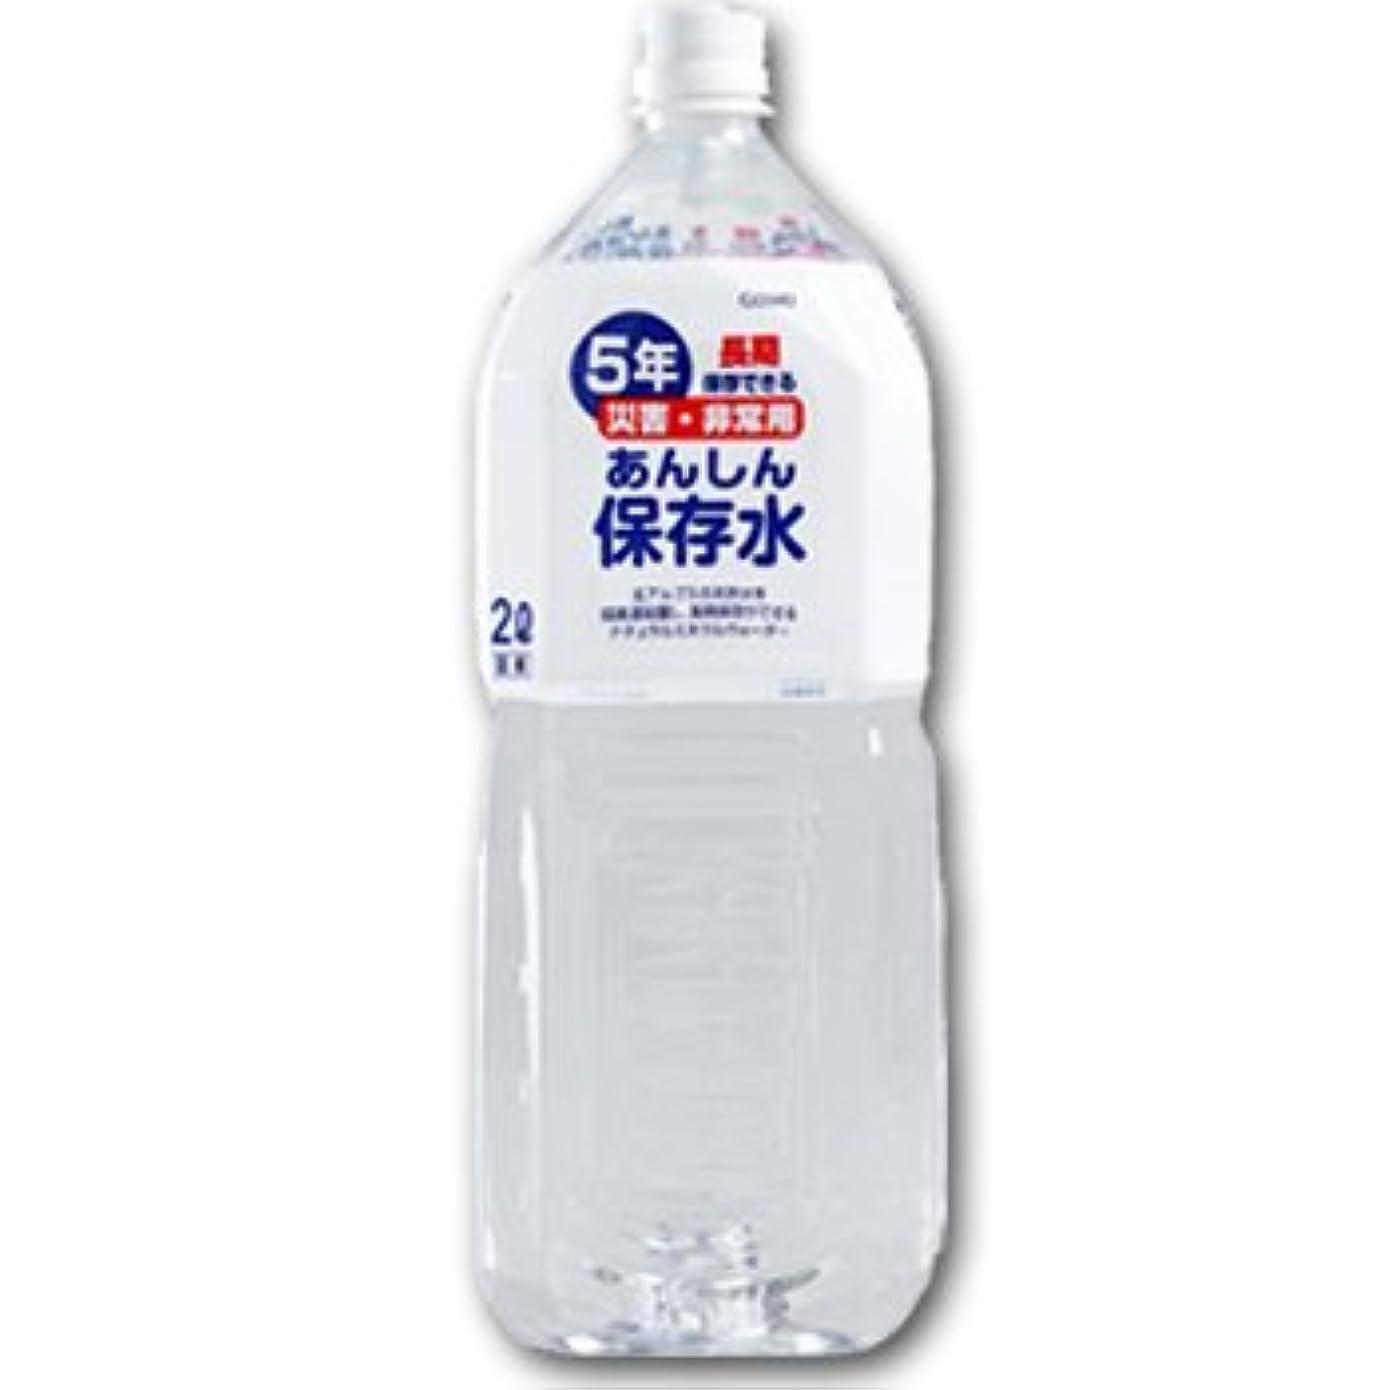 デッドロックアッパーじゃないあんしん 保存水 2000ml×6本 (1cs) (災害 非常用 保存水 保存期間 5年)